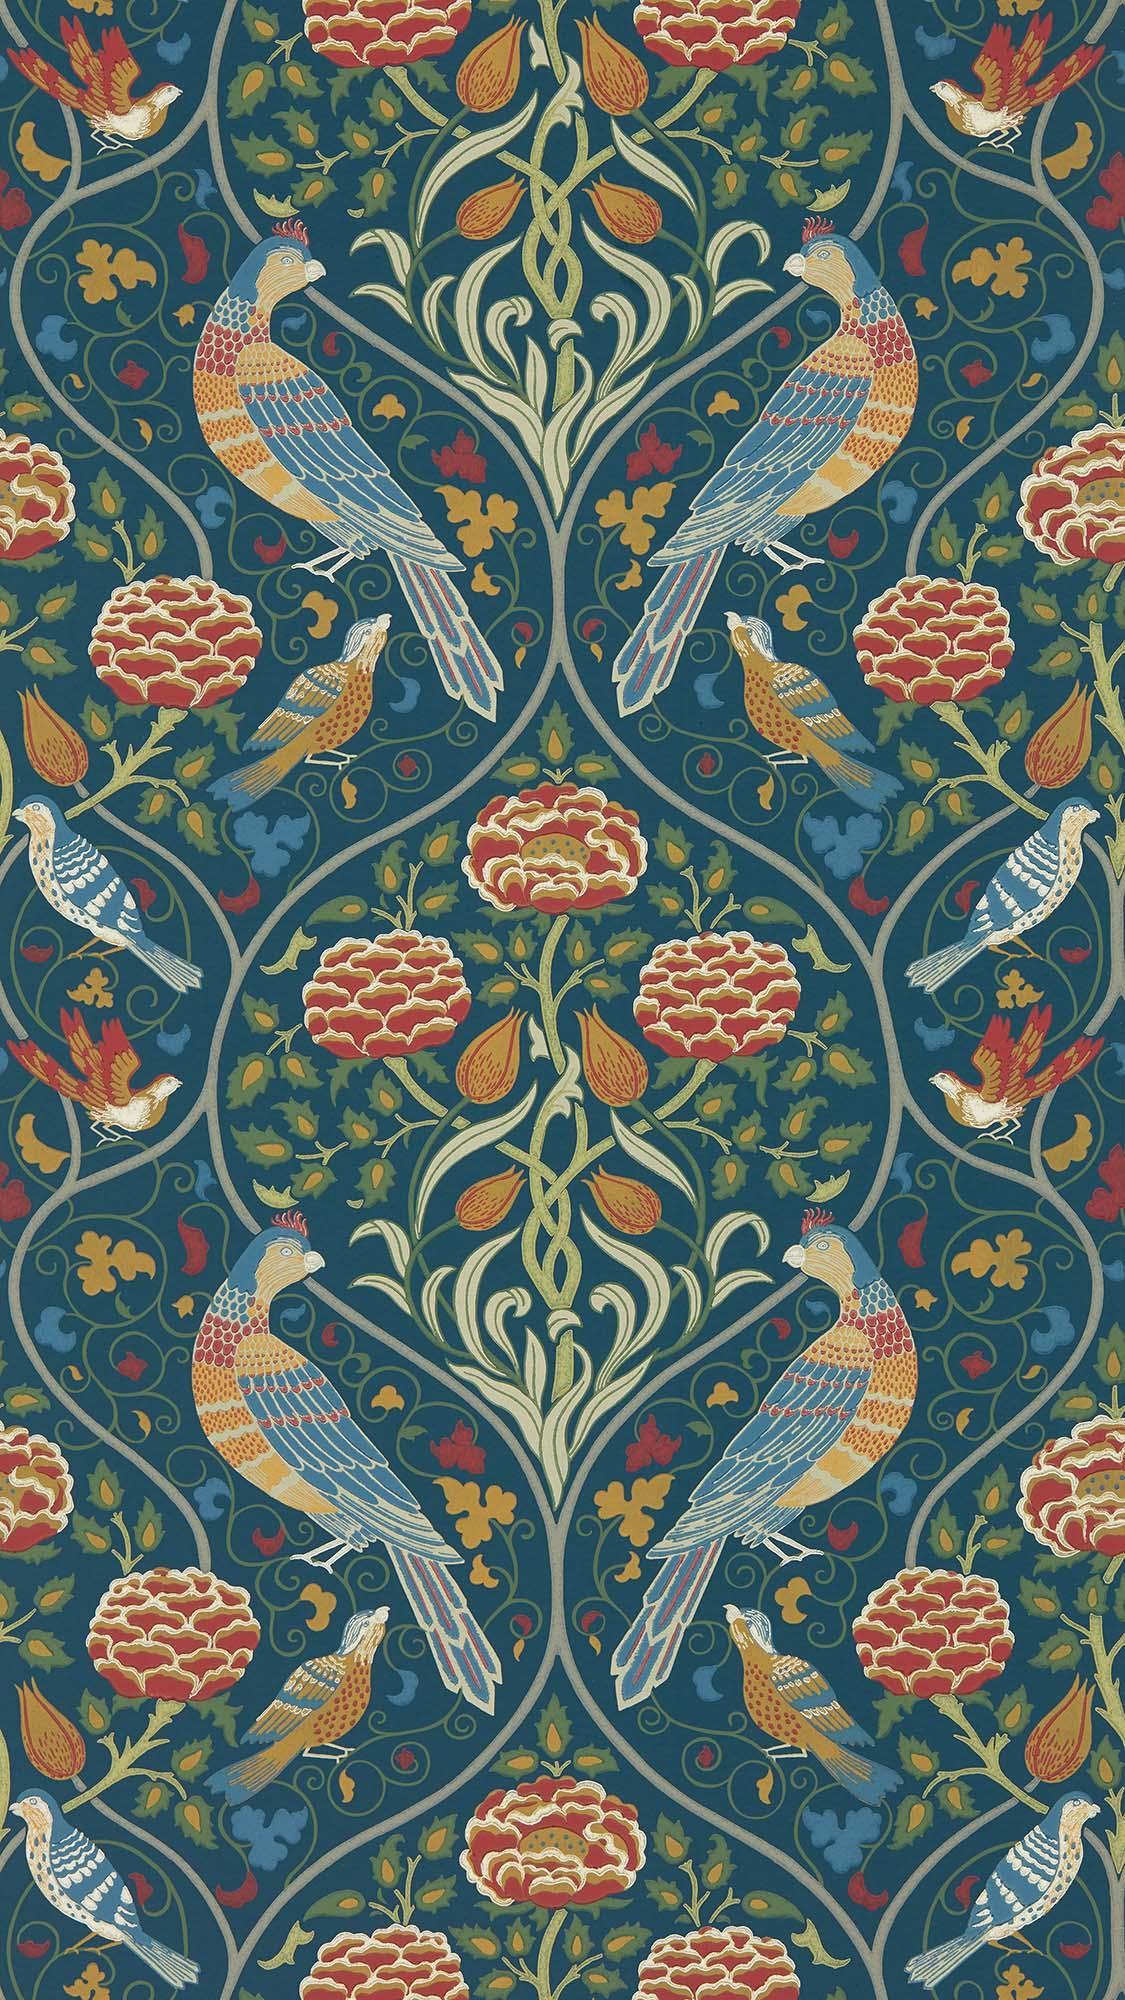 ウィリアムモリス壁紙 Seasons by May 216686